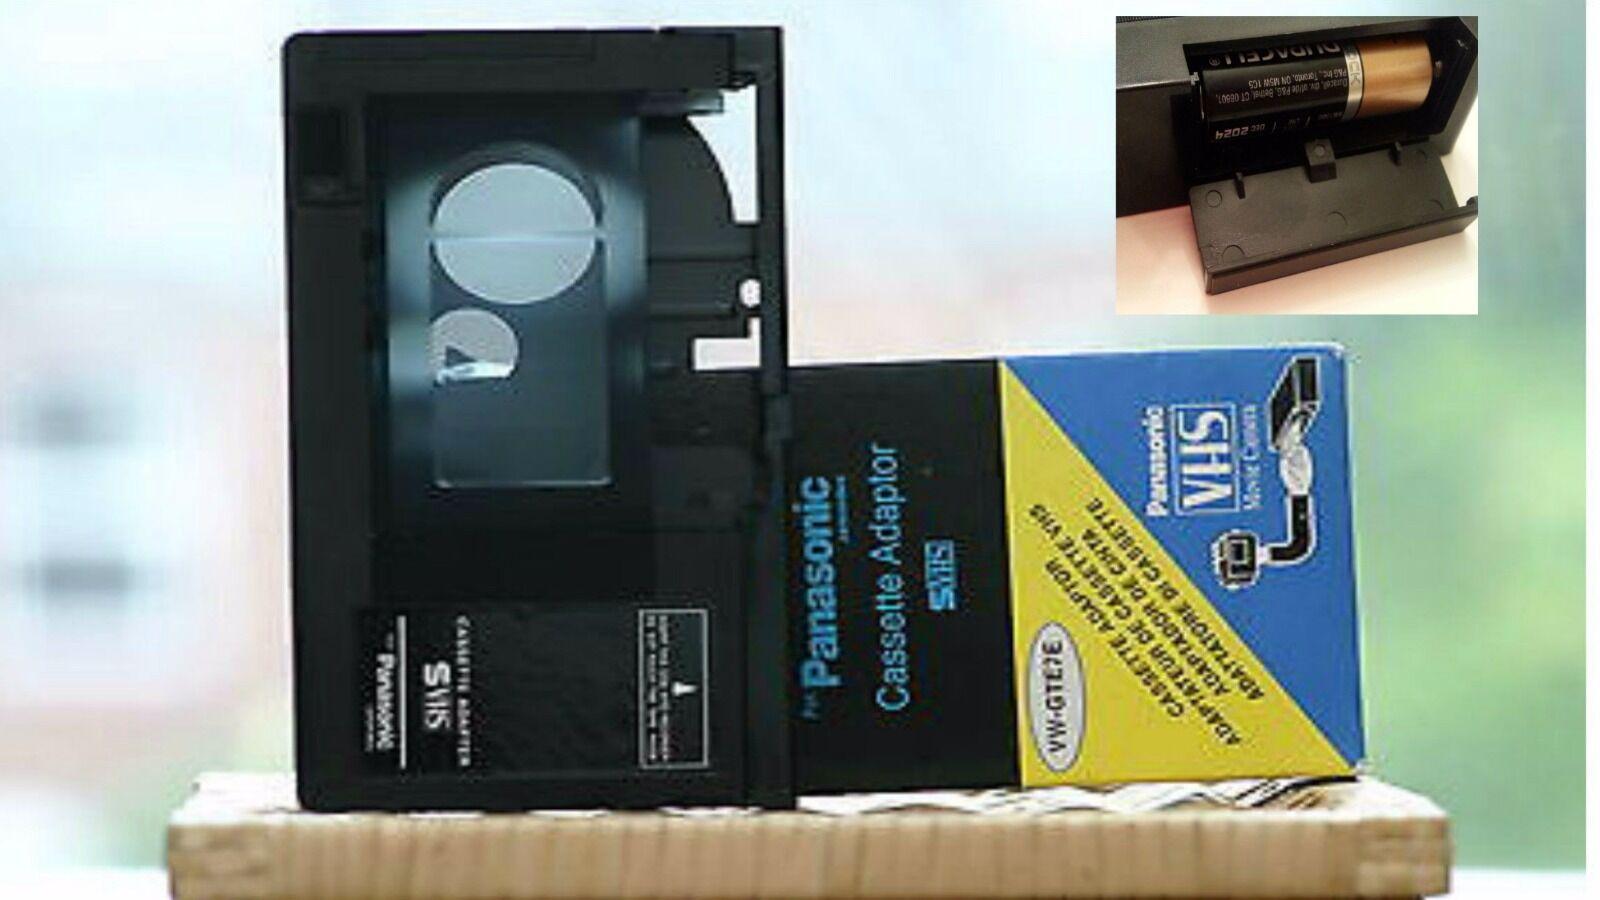 For Panasonic-cassette Adapter Vhs-c-vw-gte7e-battery-ope...